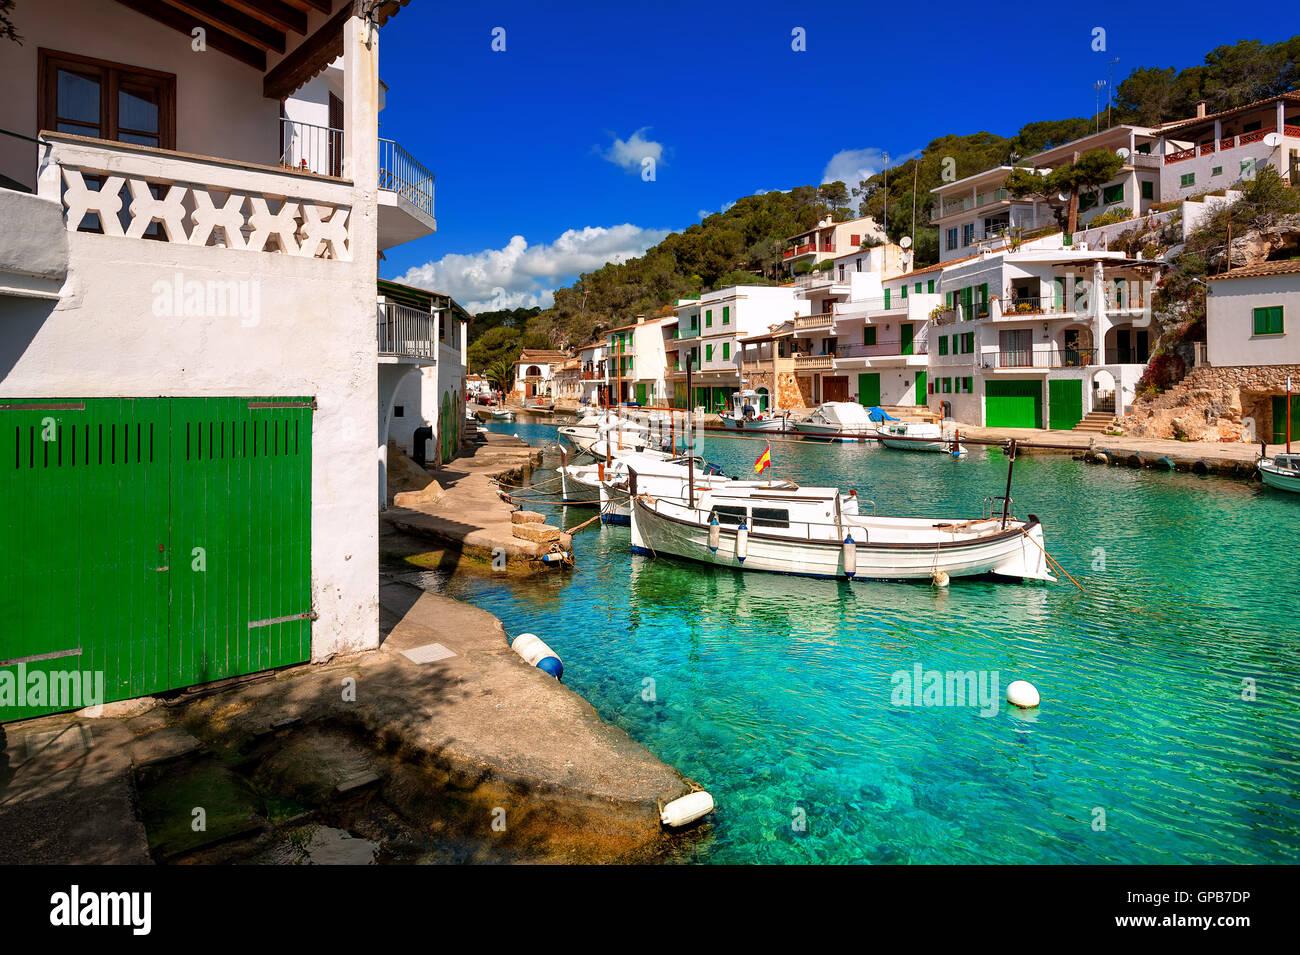 Ville bianche e barche sul verde acqua nel pittoresco villaggio di pescatori di Cala Figuera, Mare mediterraneo, Immagini Stock